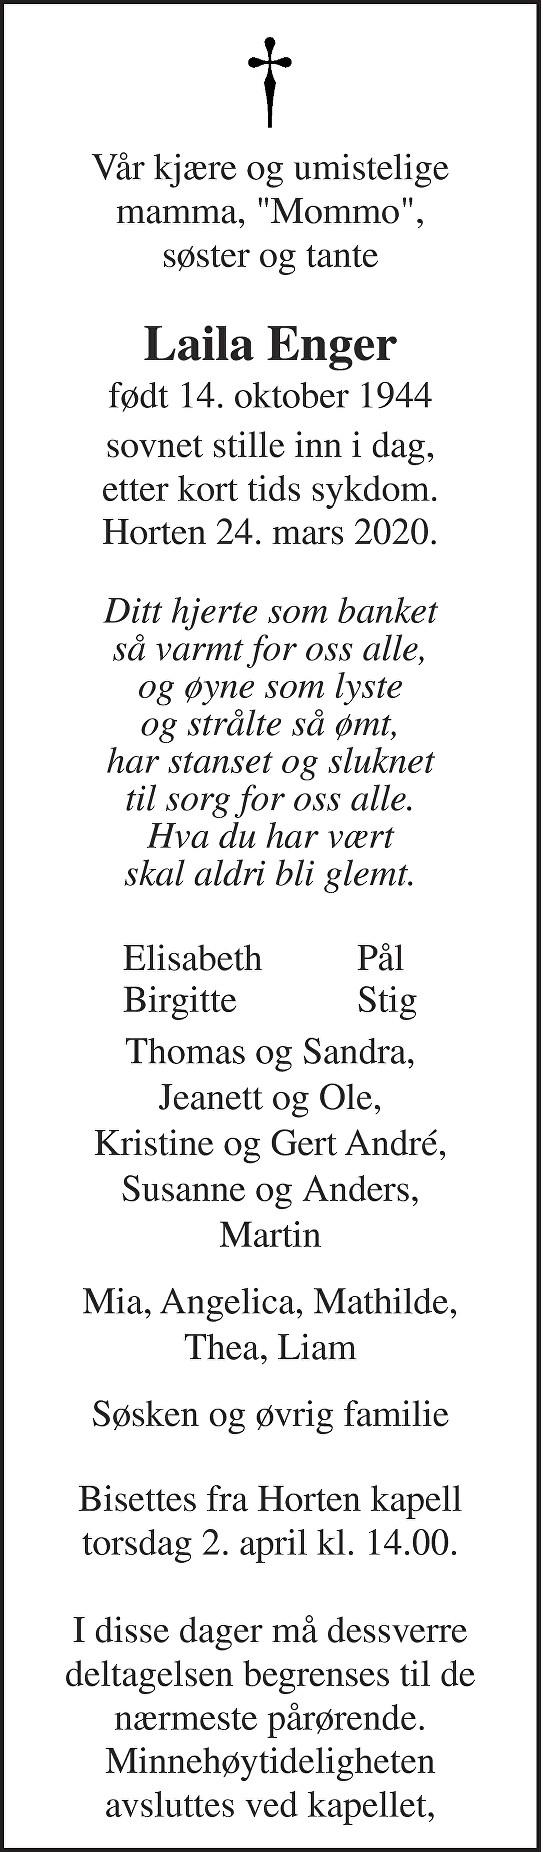 Laila Enger Dødsannonse